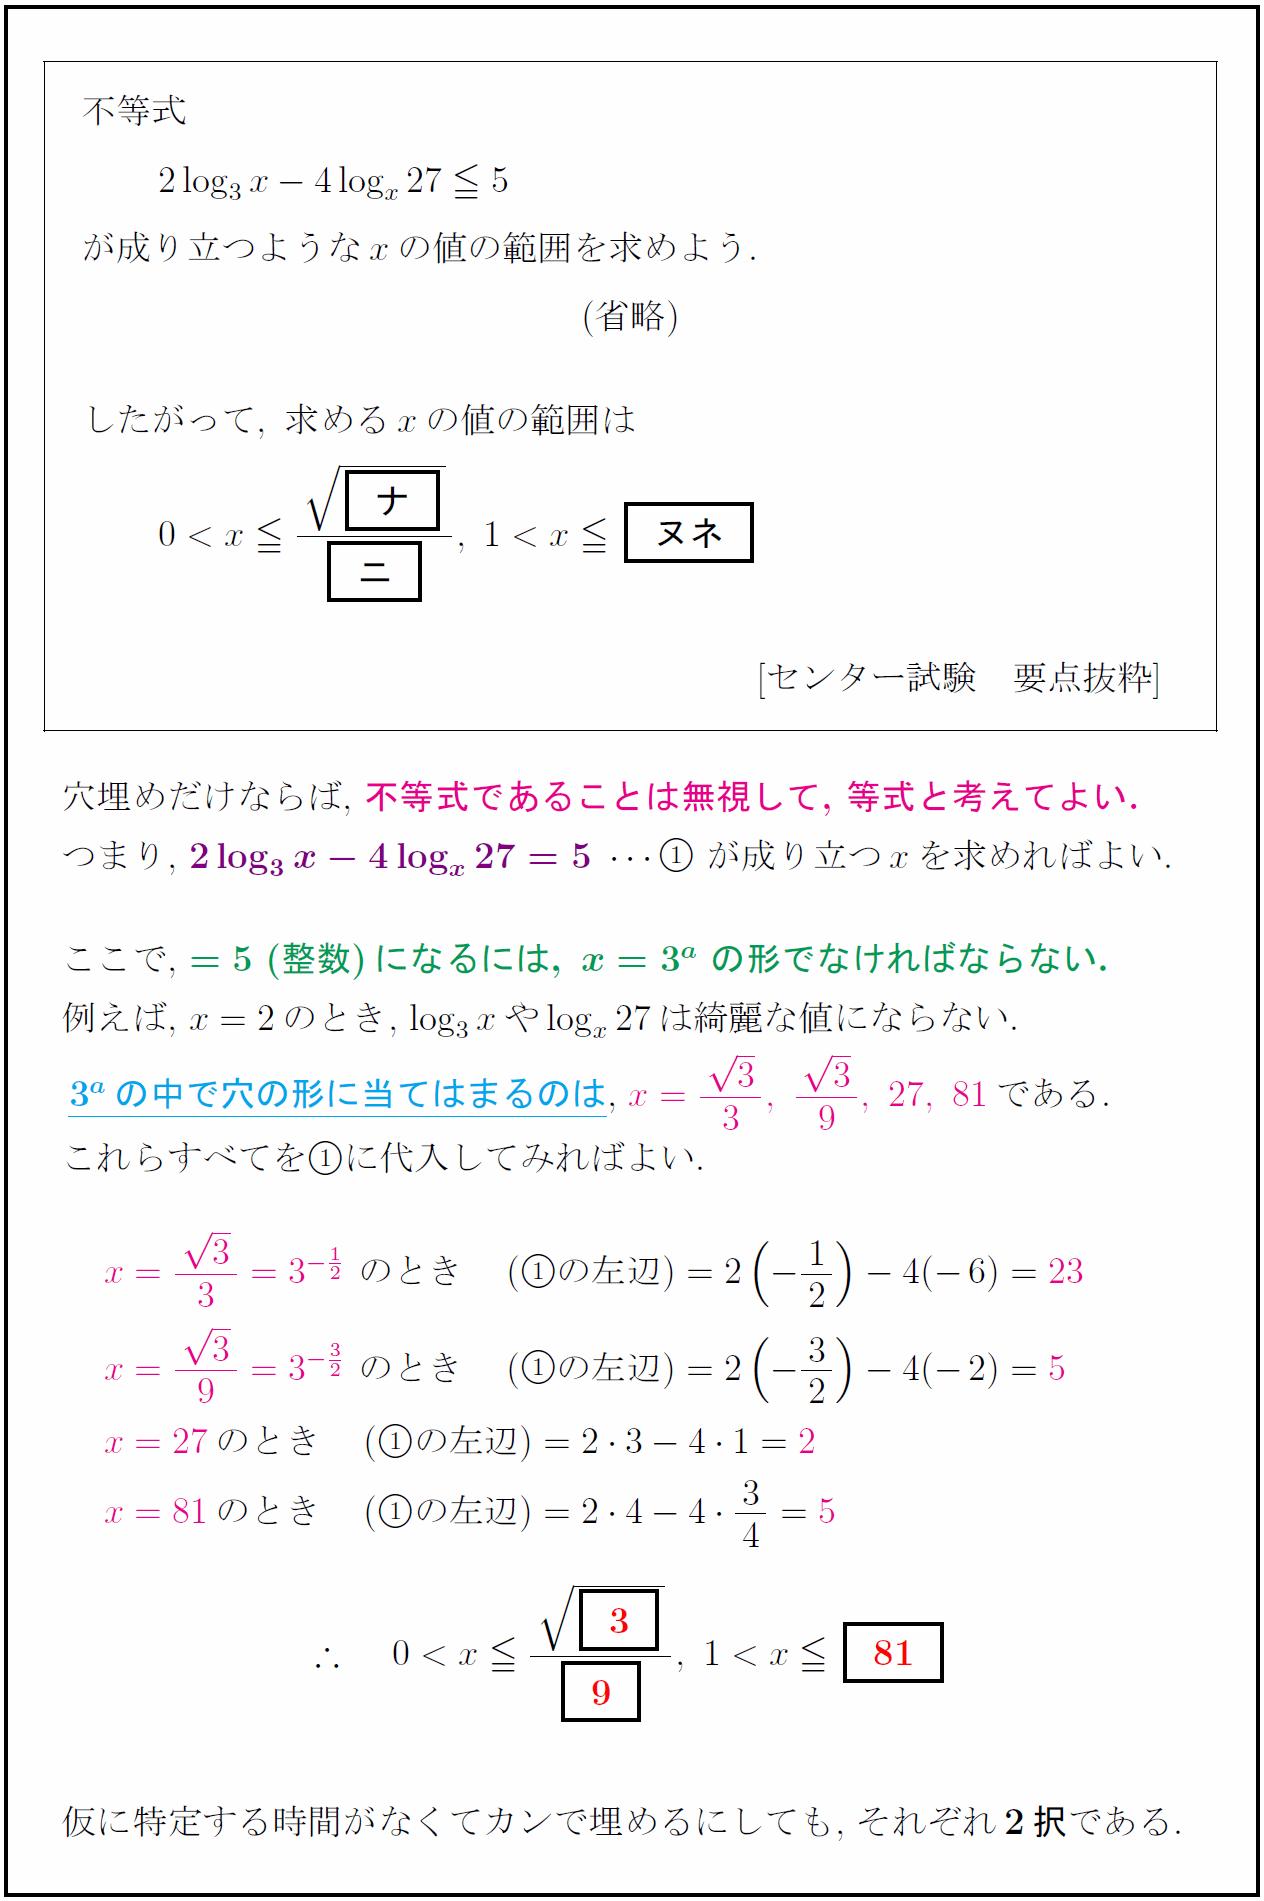 exp-log2